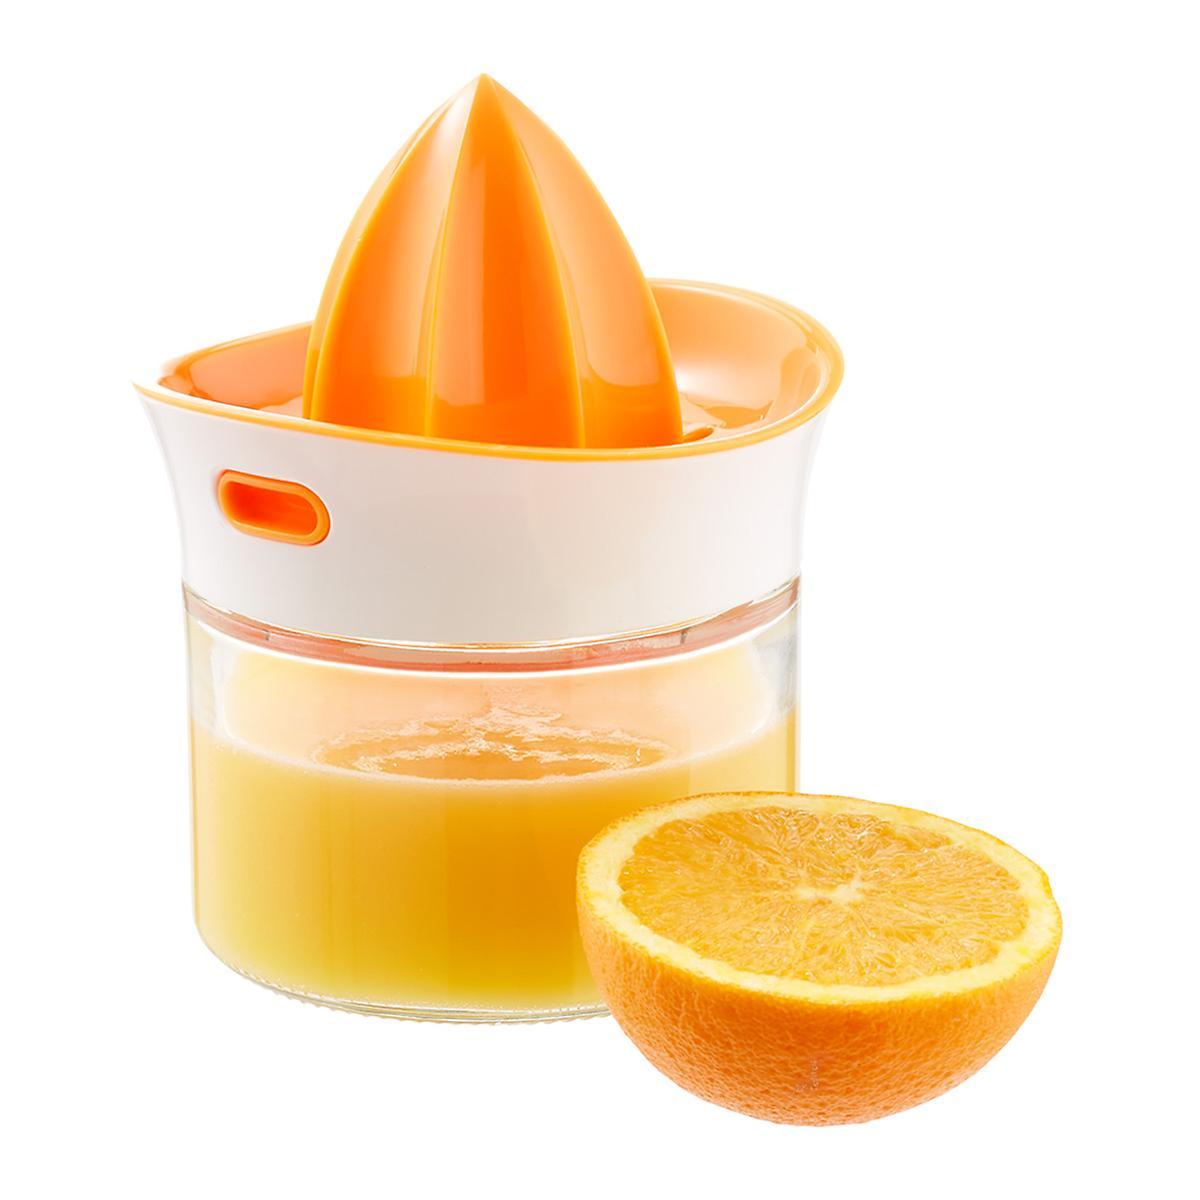 13.5 oz. Citrus Juicer